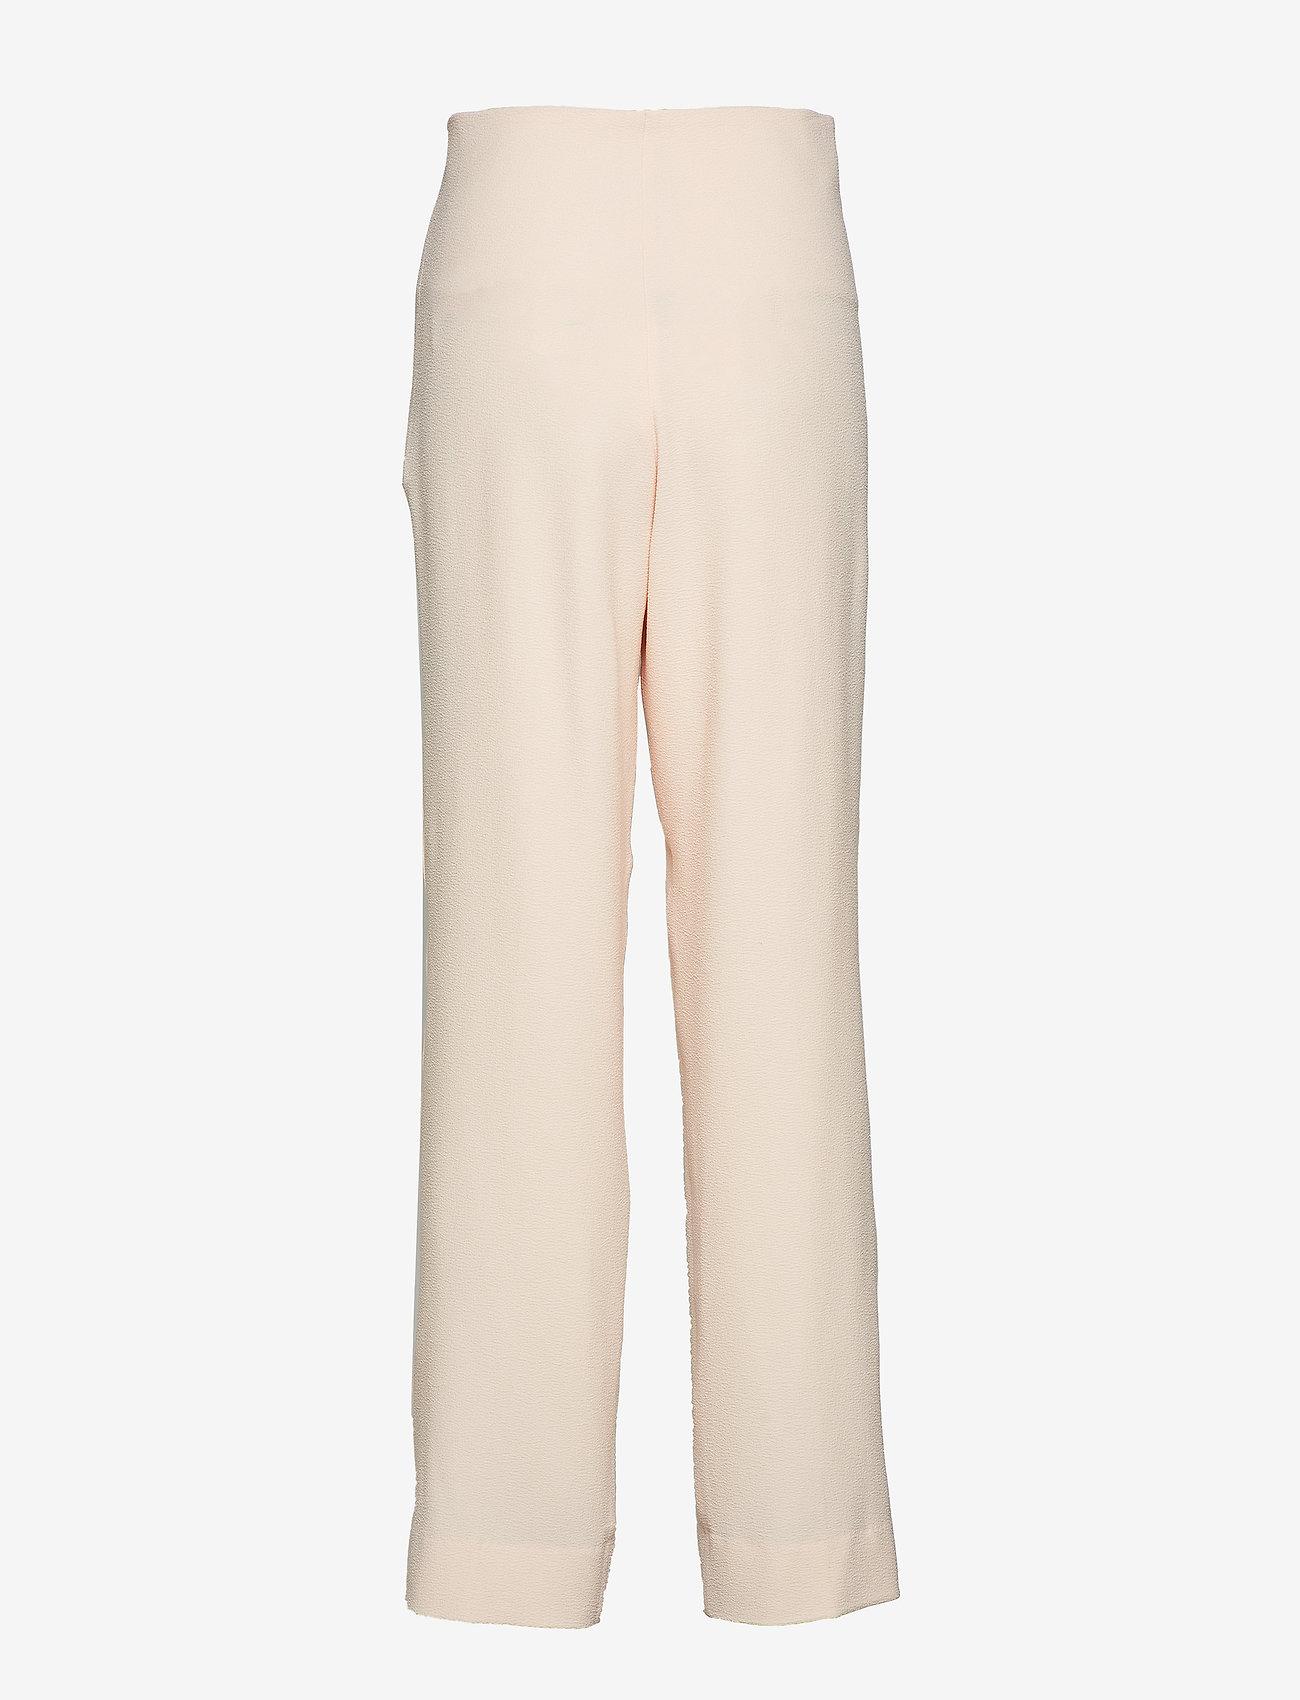 High Waist Pants  - Cathrine Hammel